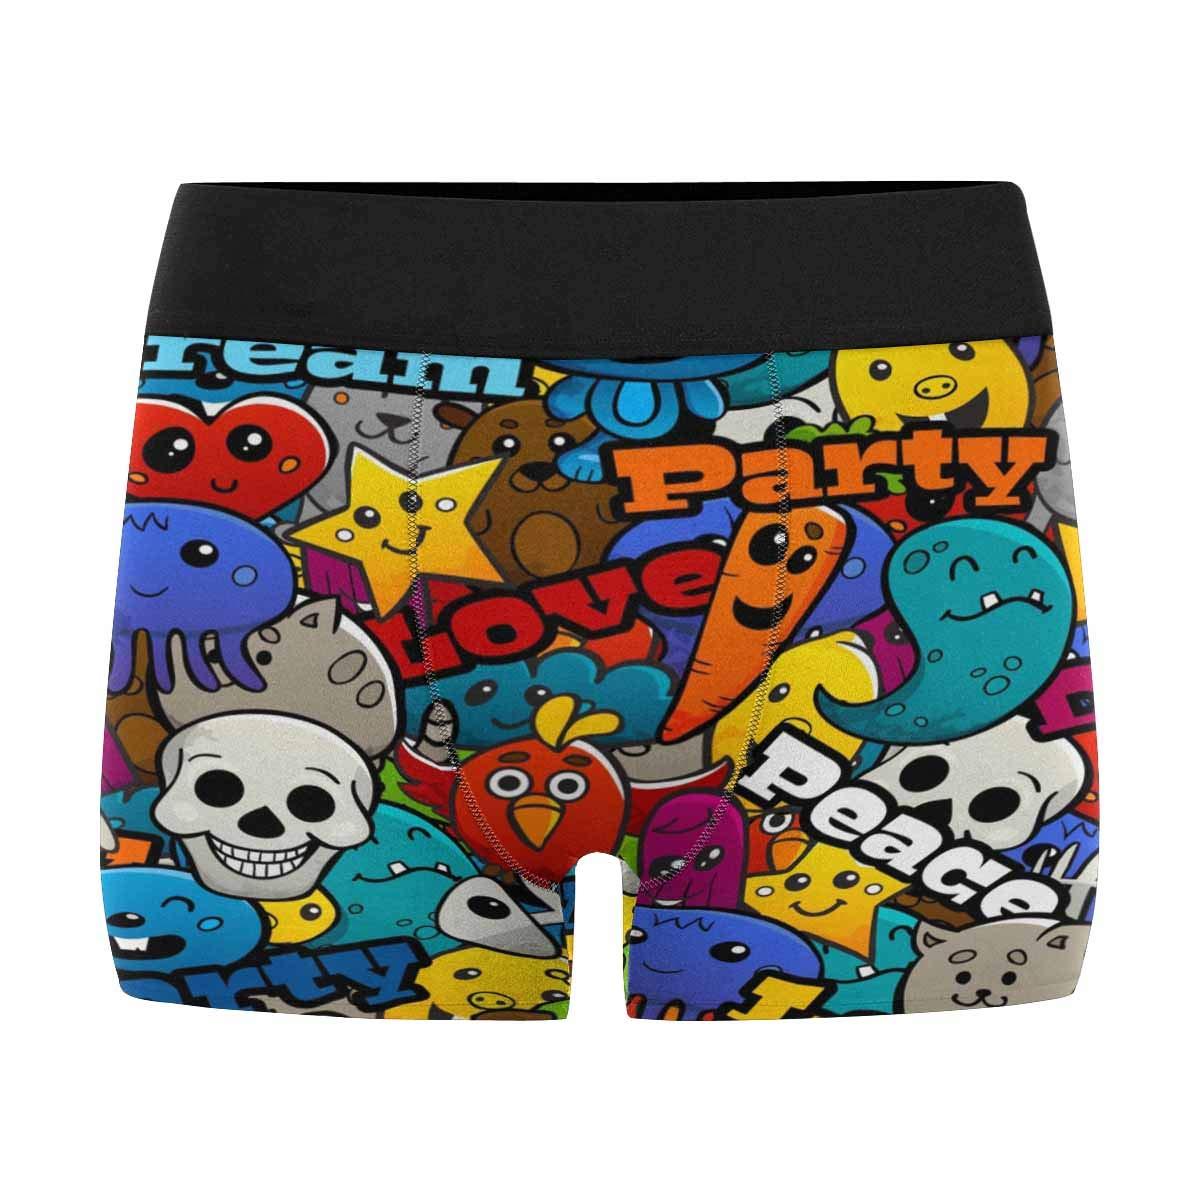 INTERESTPRINT Boxer Briefs Mens Underwear Cute XXL